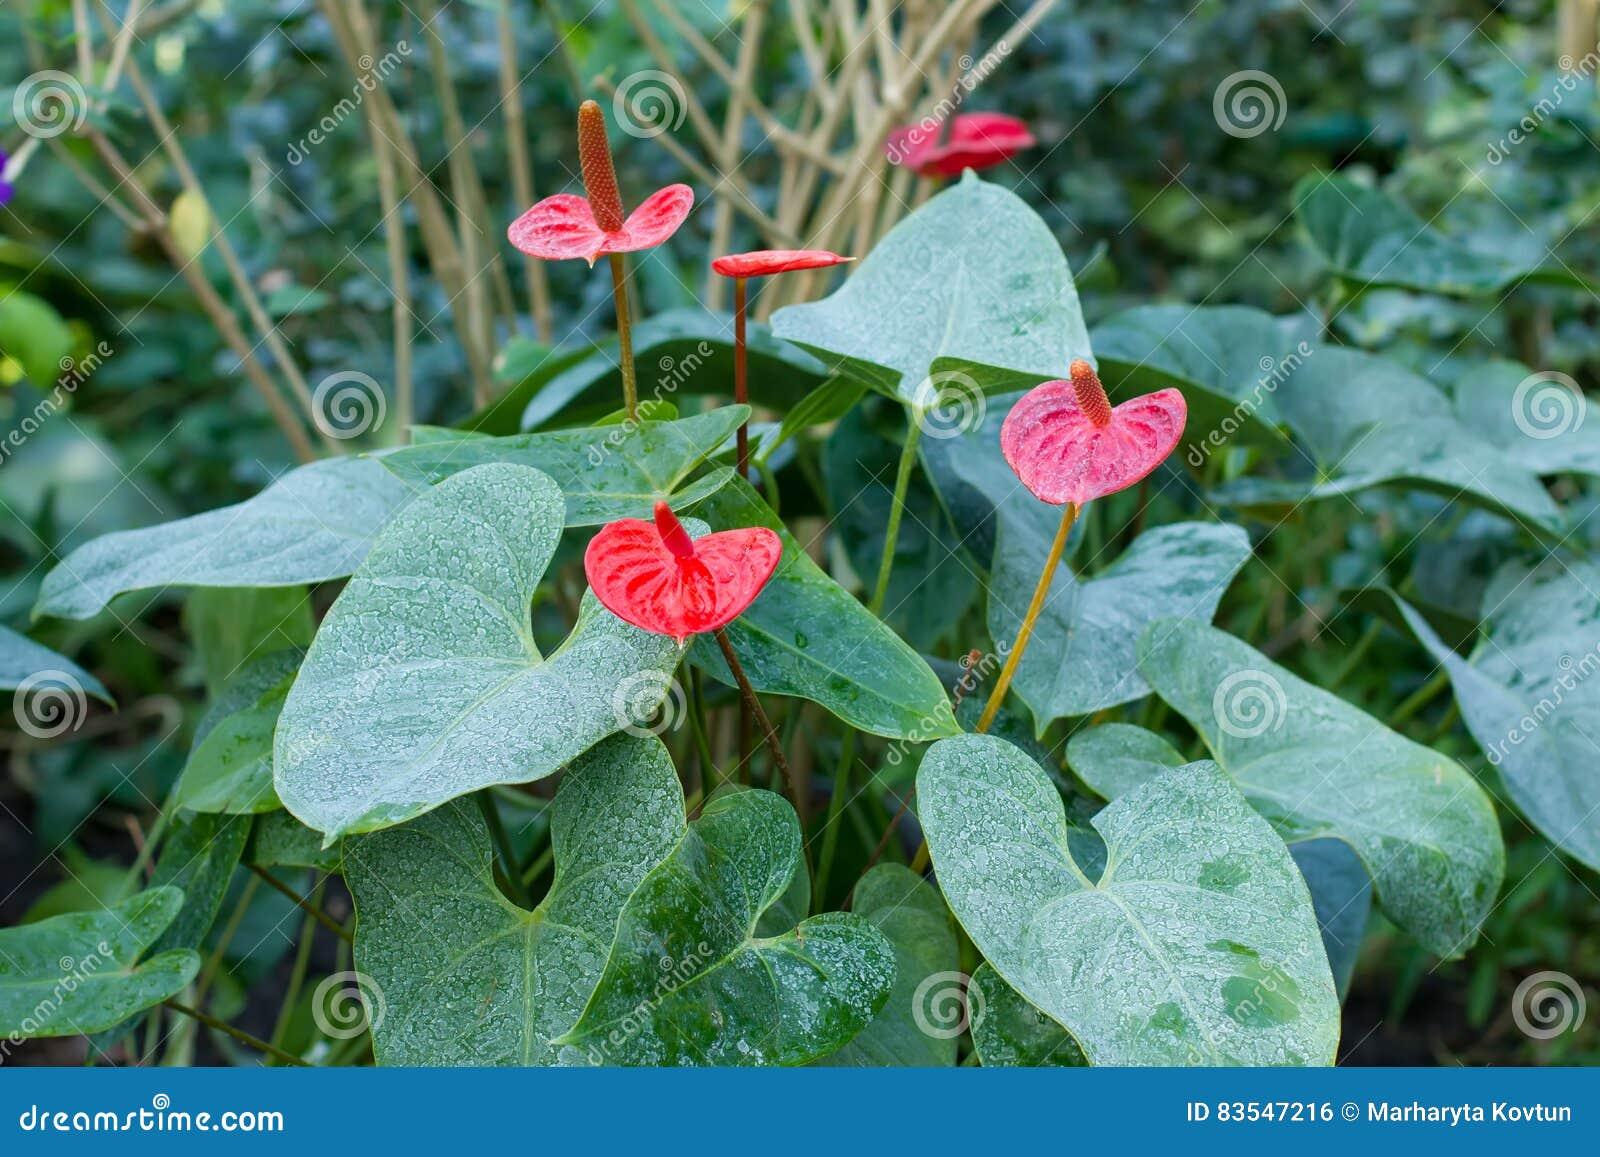 Blühender Busch des Blütenschweifs in einem tropischen Wald